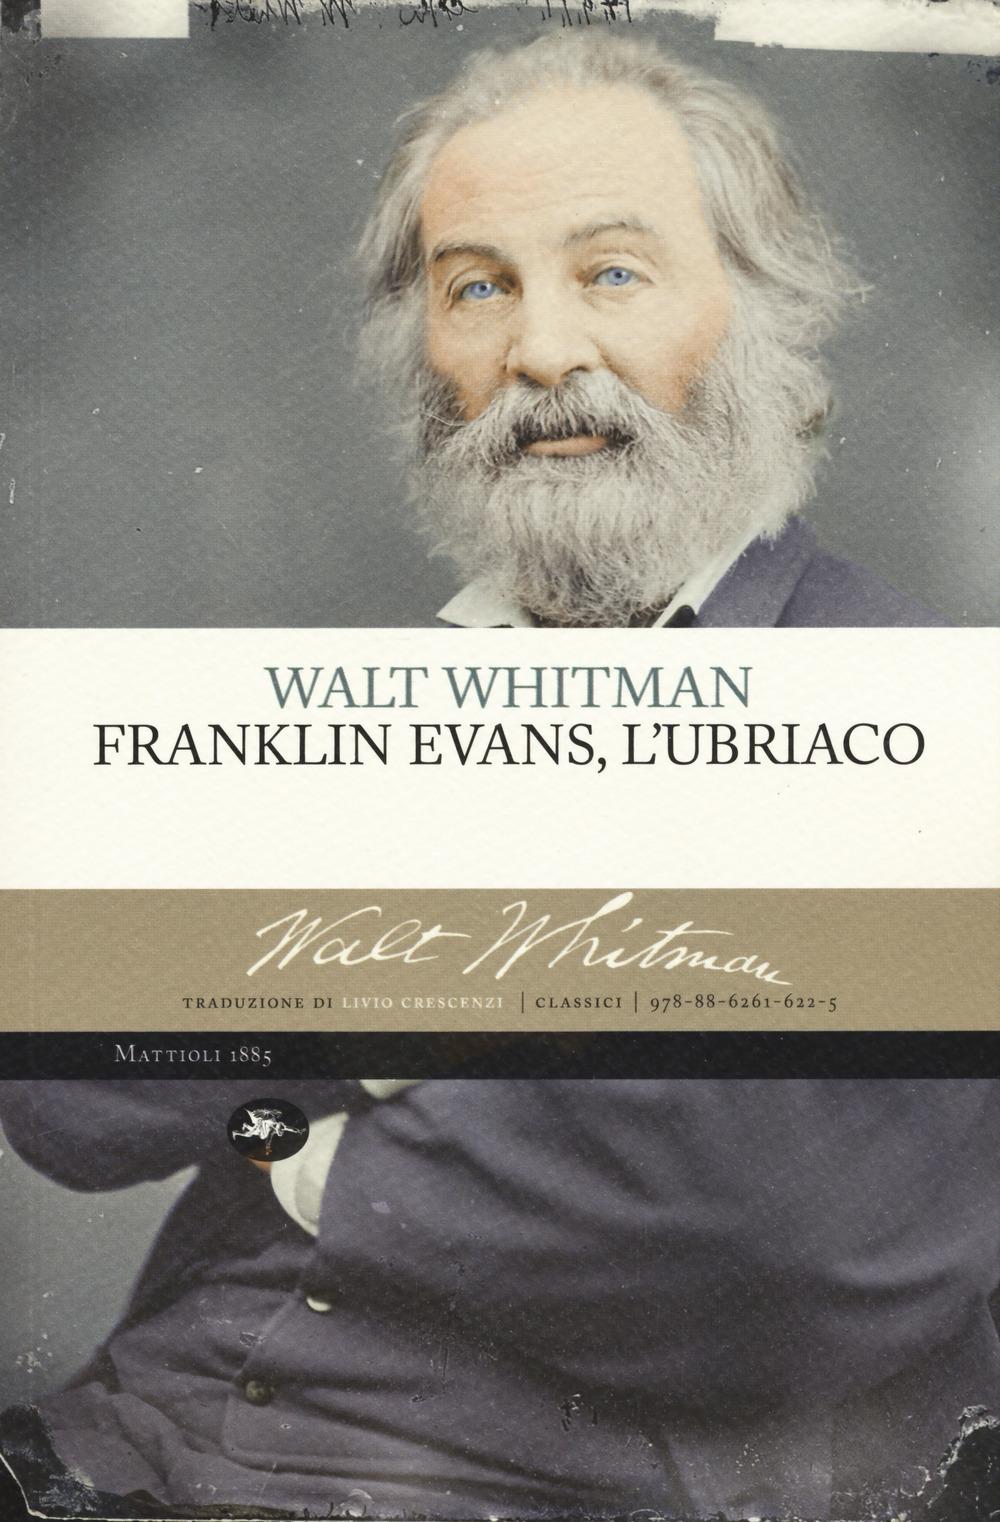 Franklin Evans, l'ubriaco – Walt Whitman | MondoRaro.org